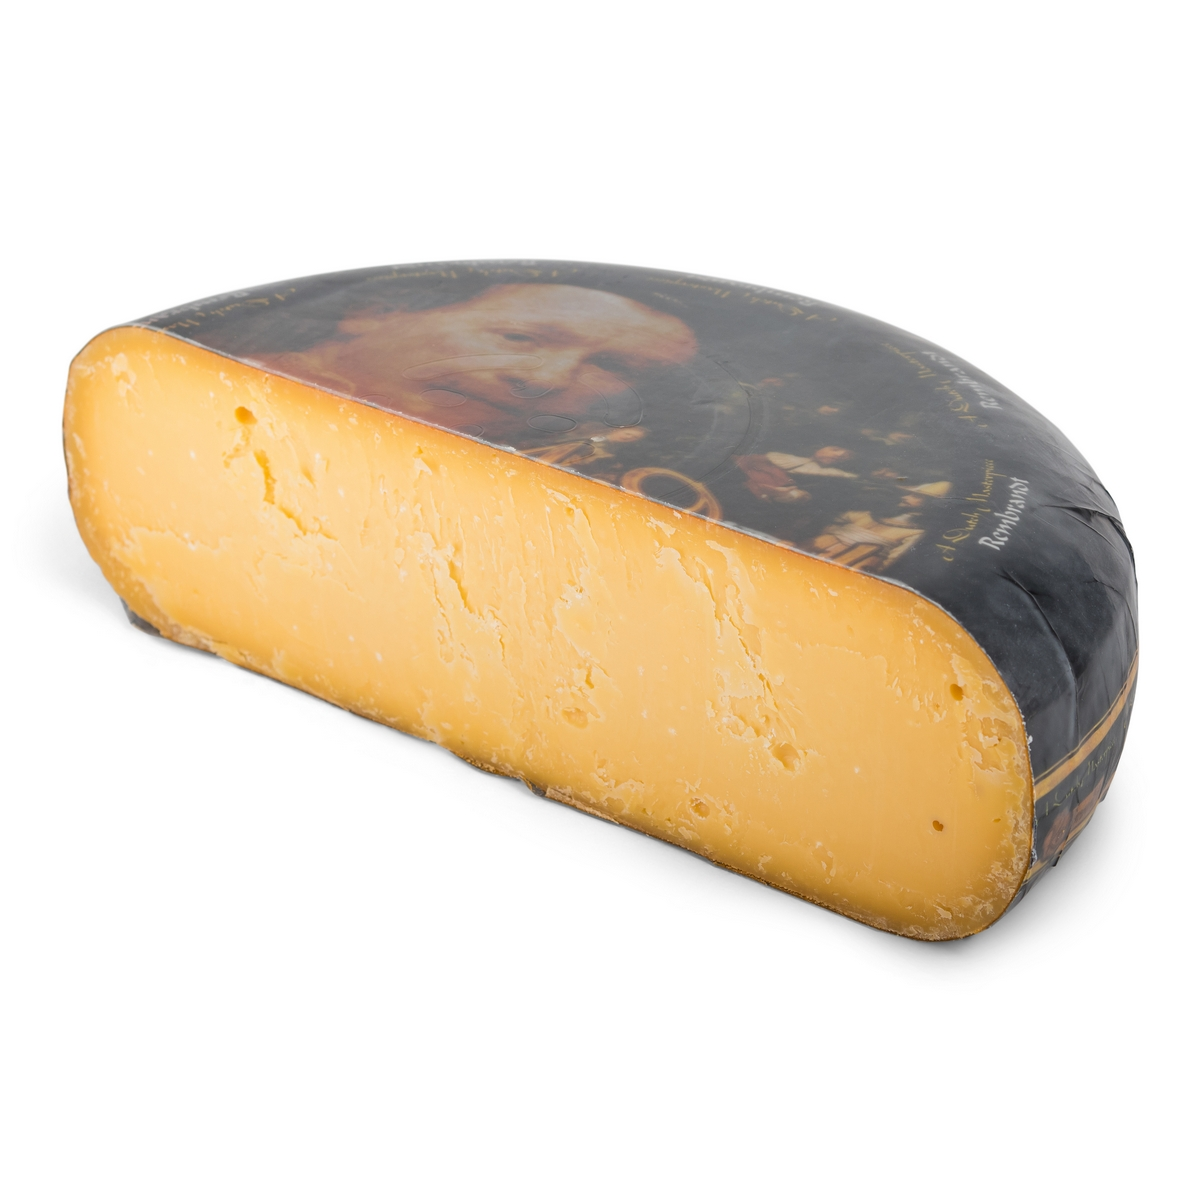 Lagrad ost (+/- 10-12 månader mognat)